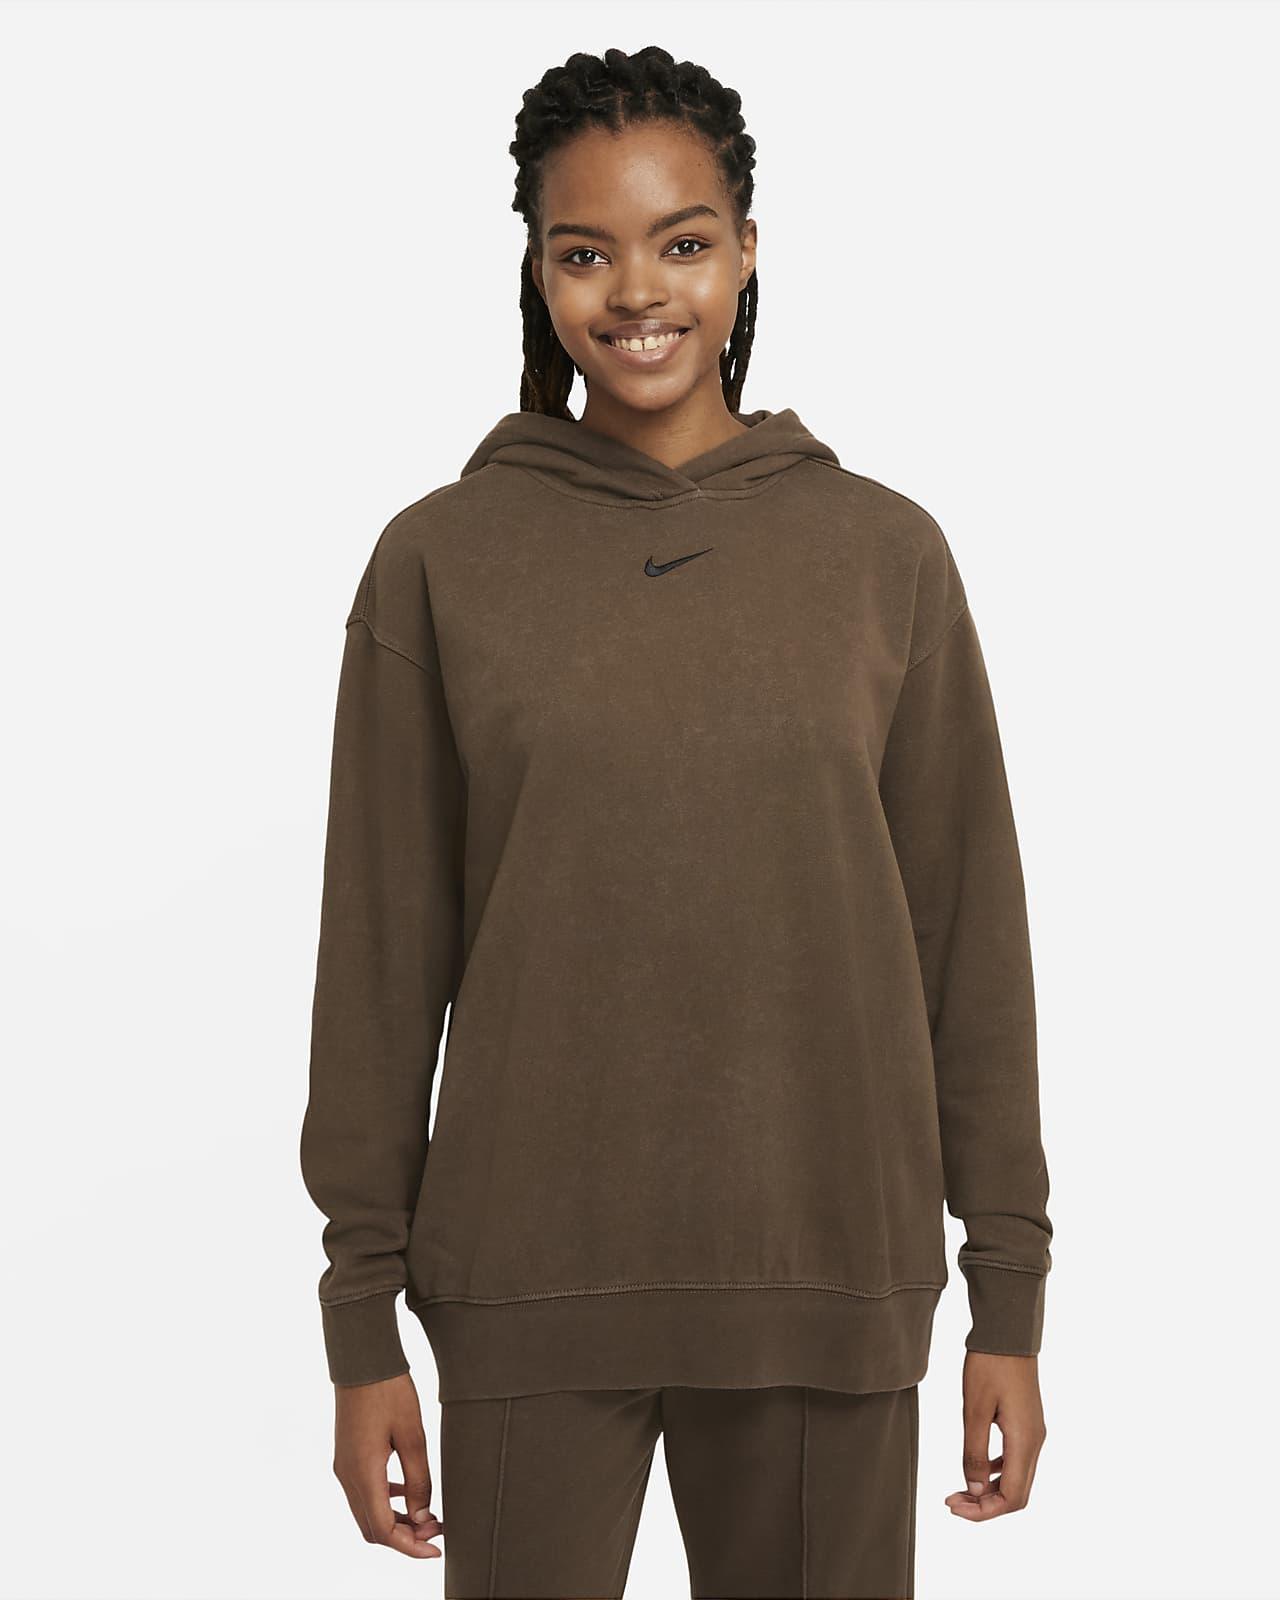 Женская флисовая худи с эффектом выцветания Nike Sportswear Essential Collection